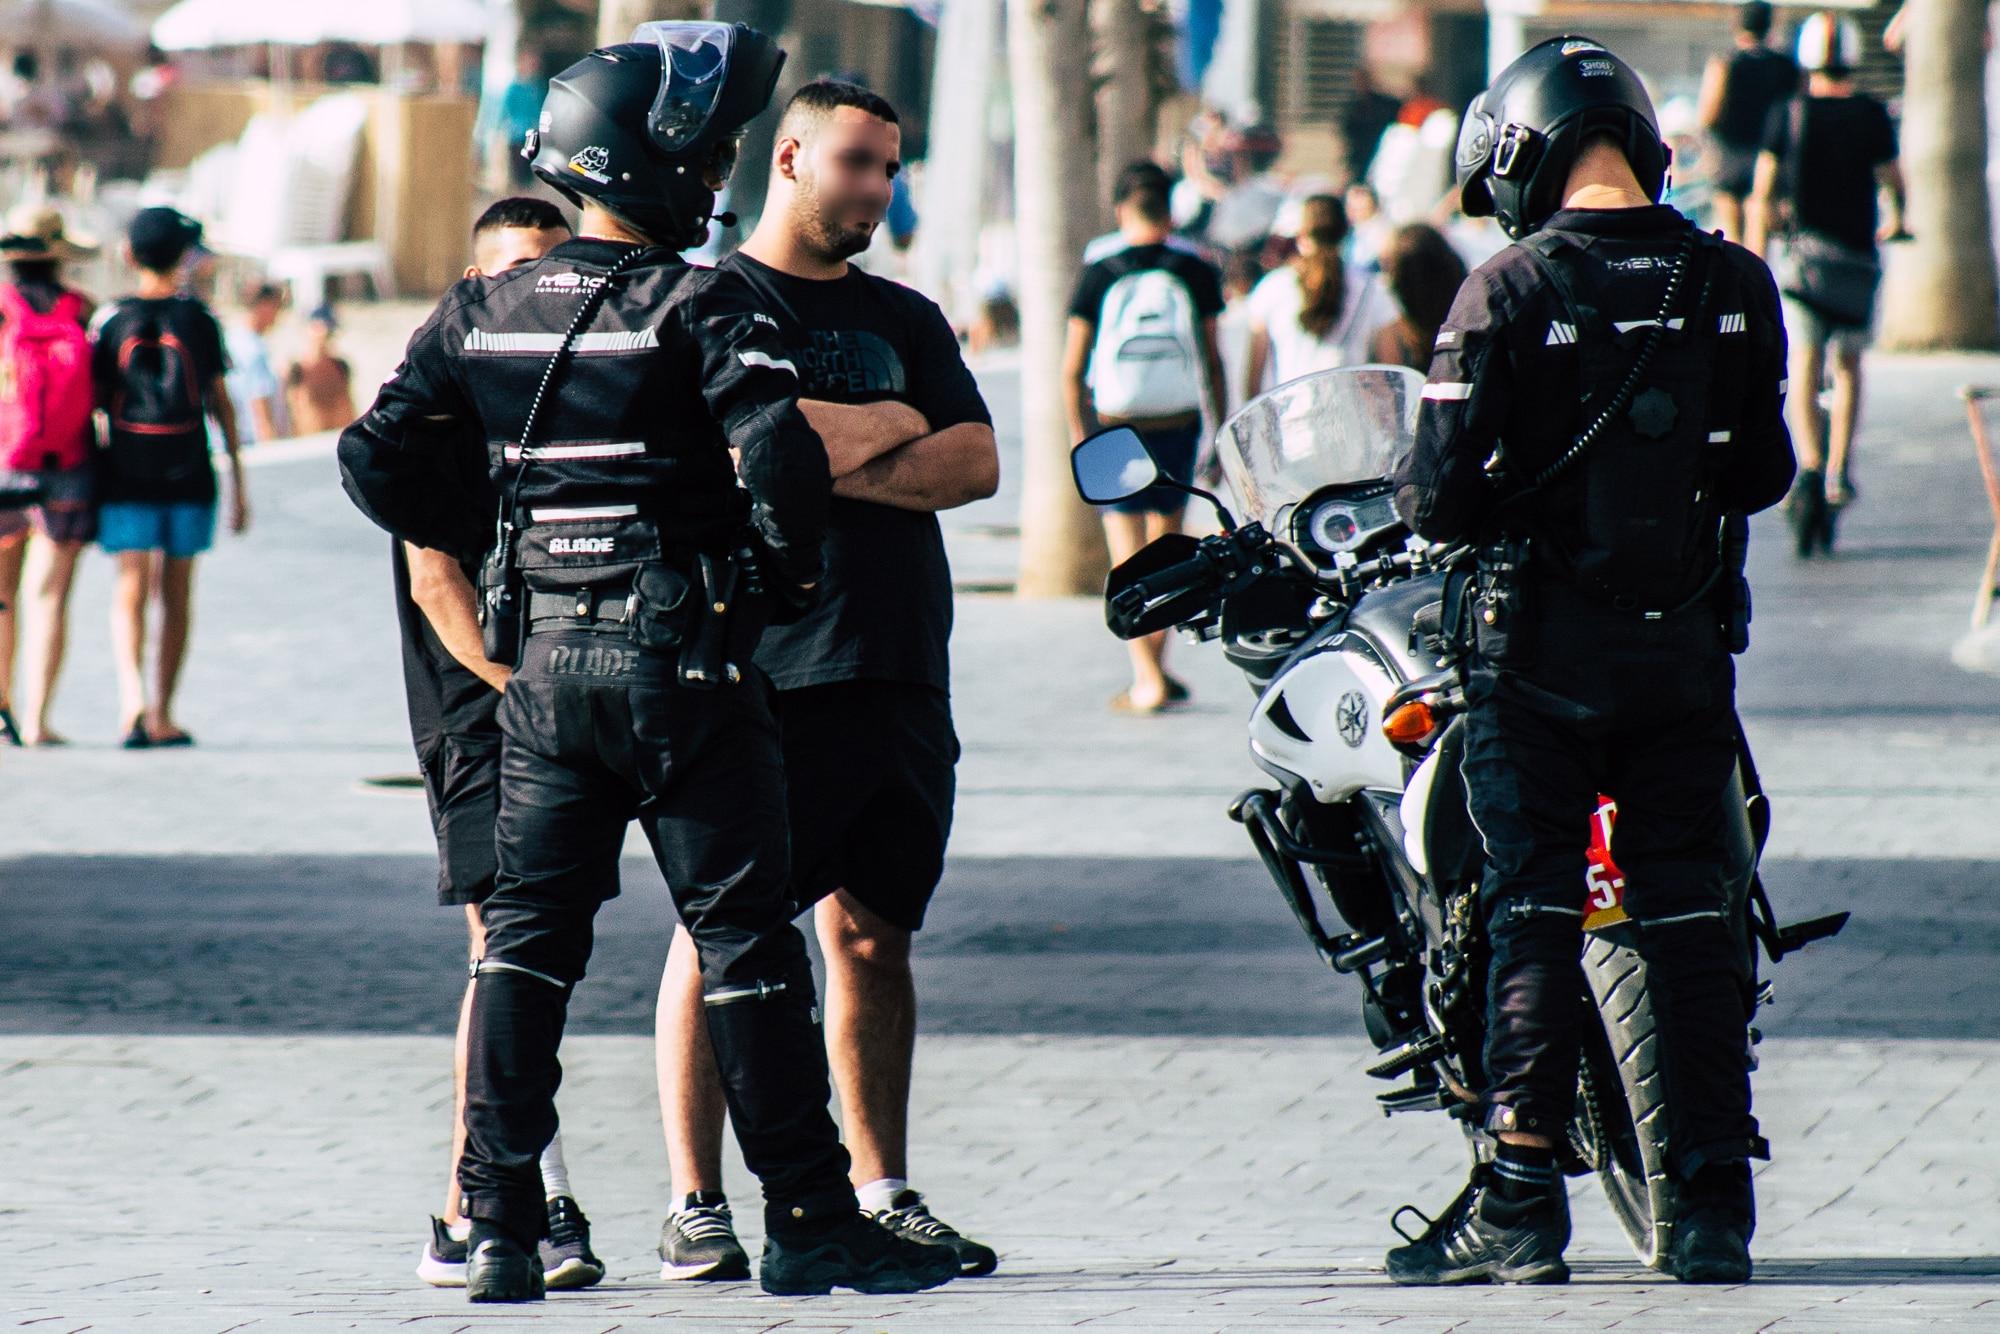 שוטר לא מוסמך לדרוש תעודת זהות מאדם ללא חשד סביר